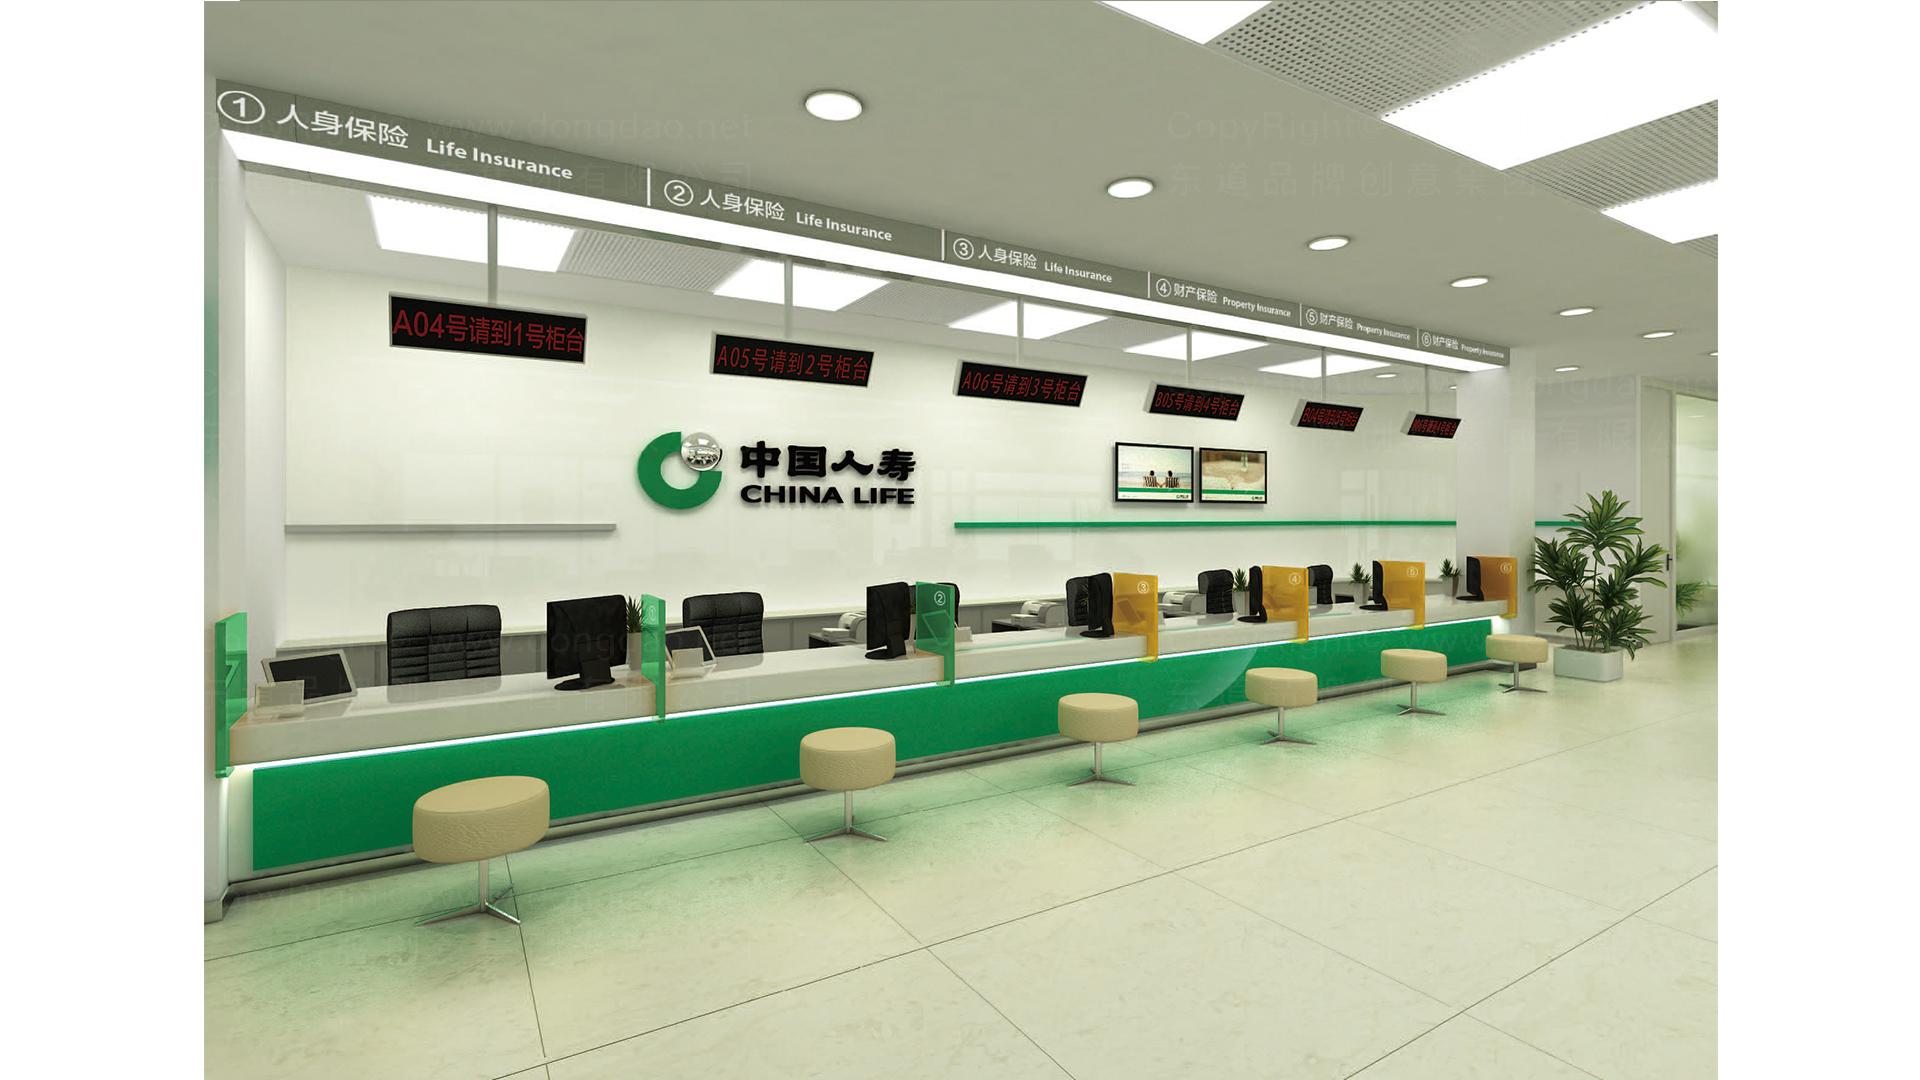 中国人寿保险公司SI设计应用场景_2